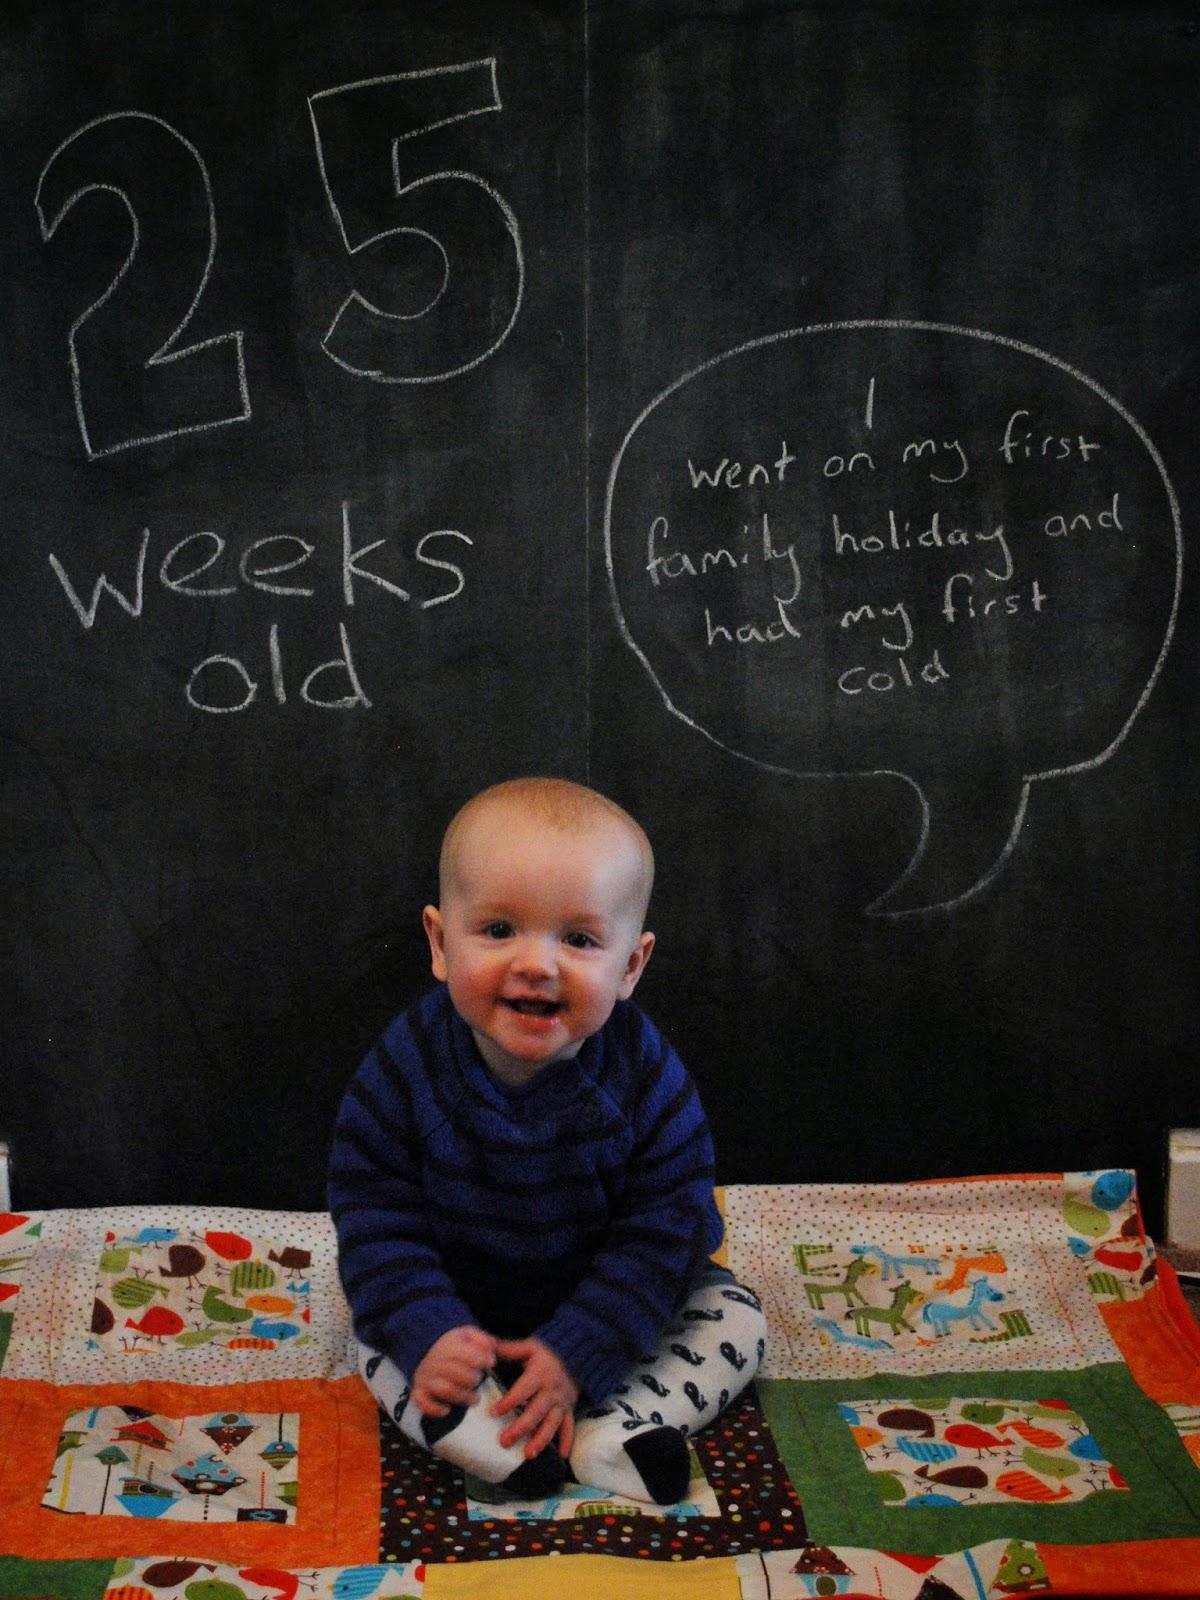 25 Weeks Old.